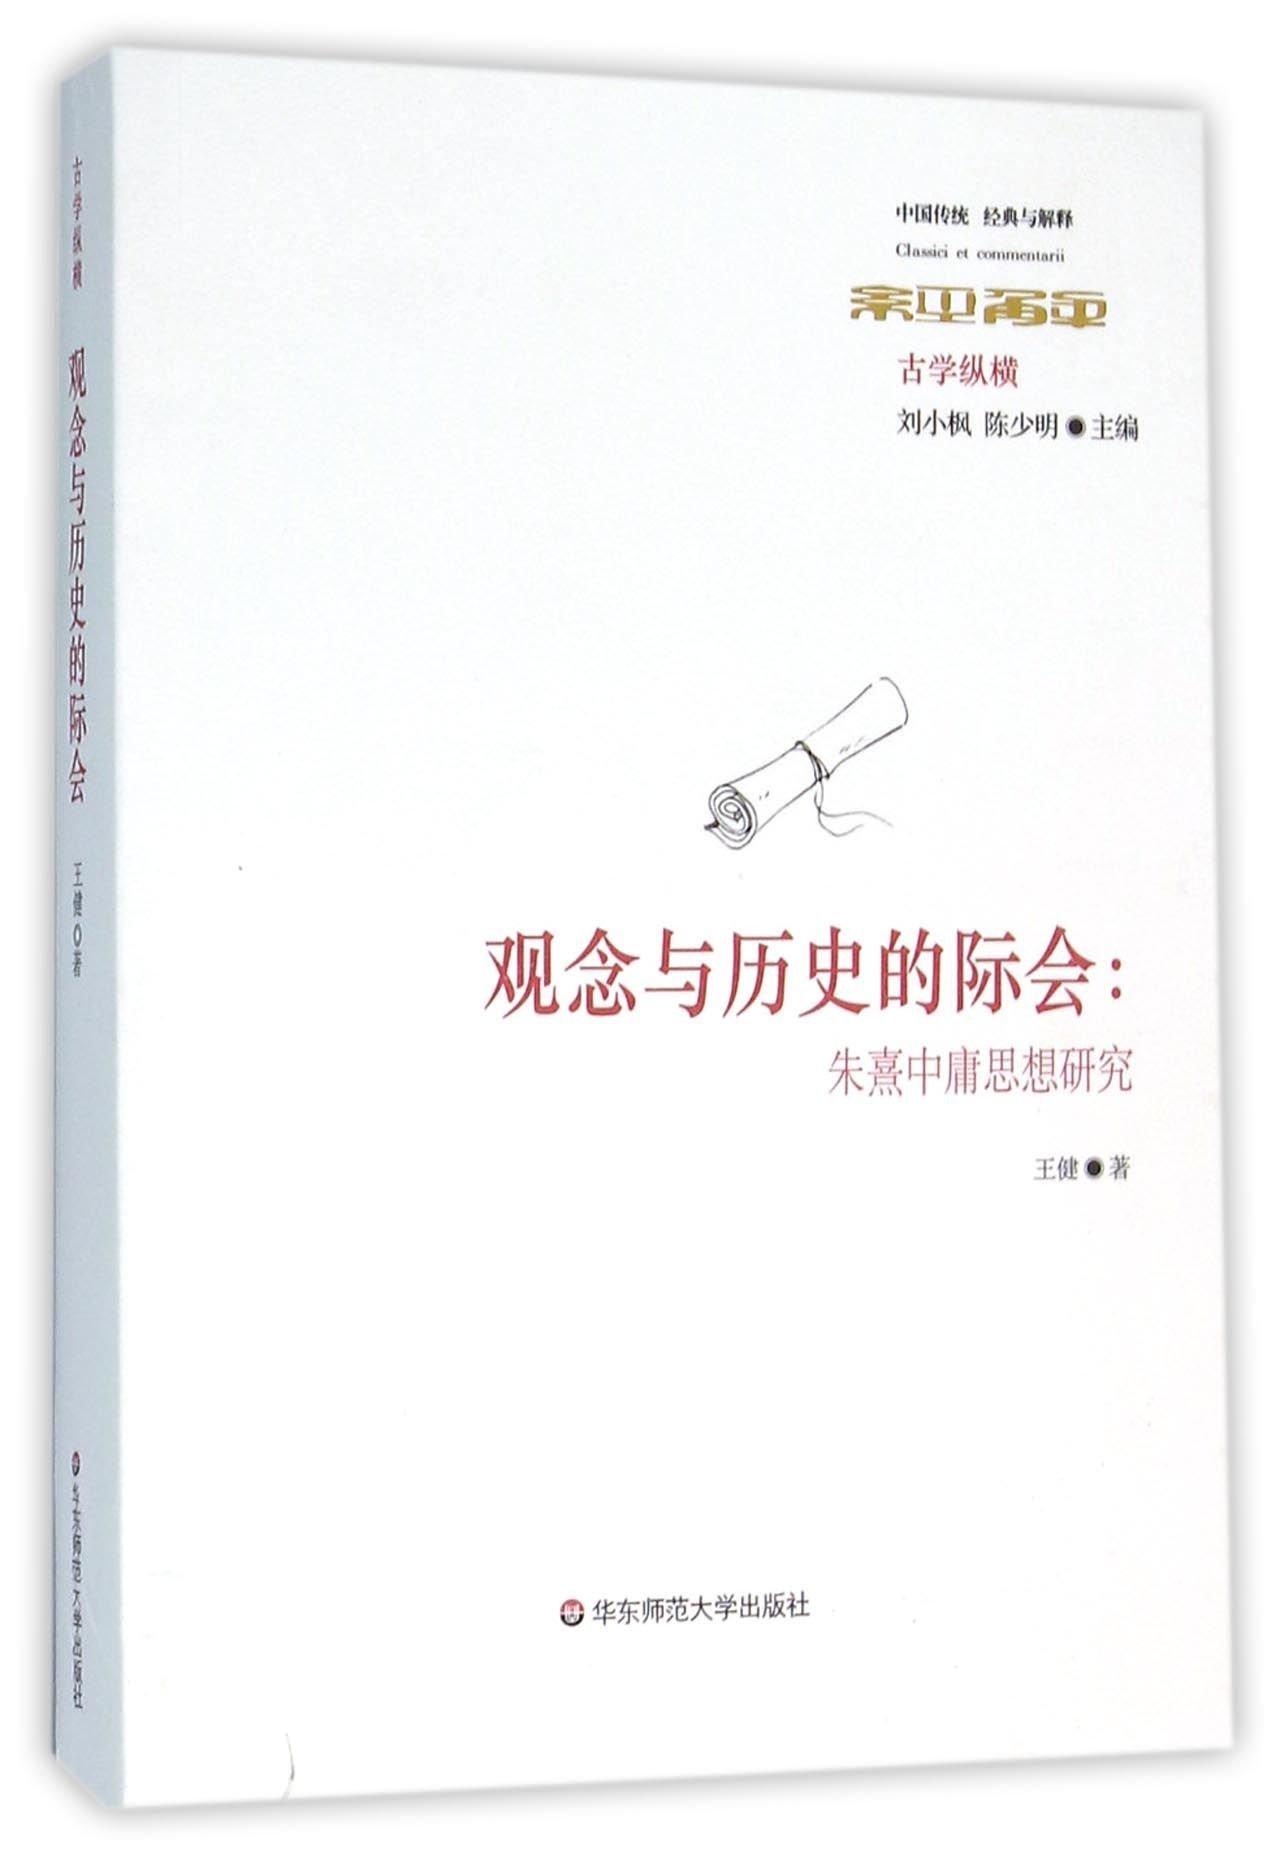 观念与历史的际会朱熹中庸思想研究(古学纵横)/中国传统经典与解释 PDF